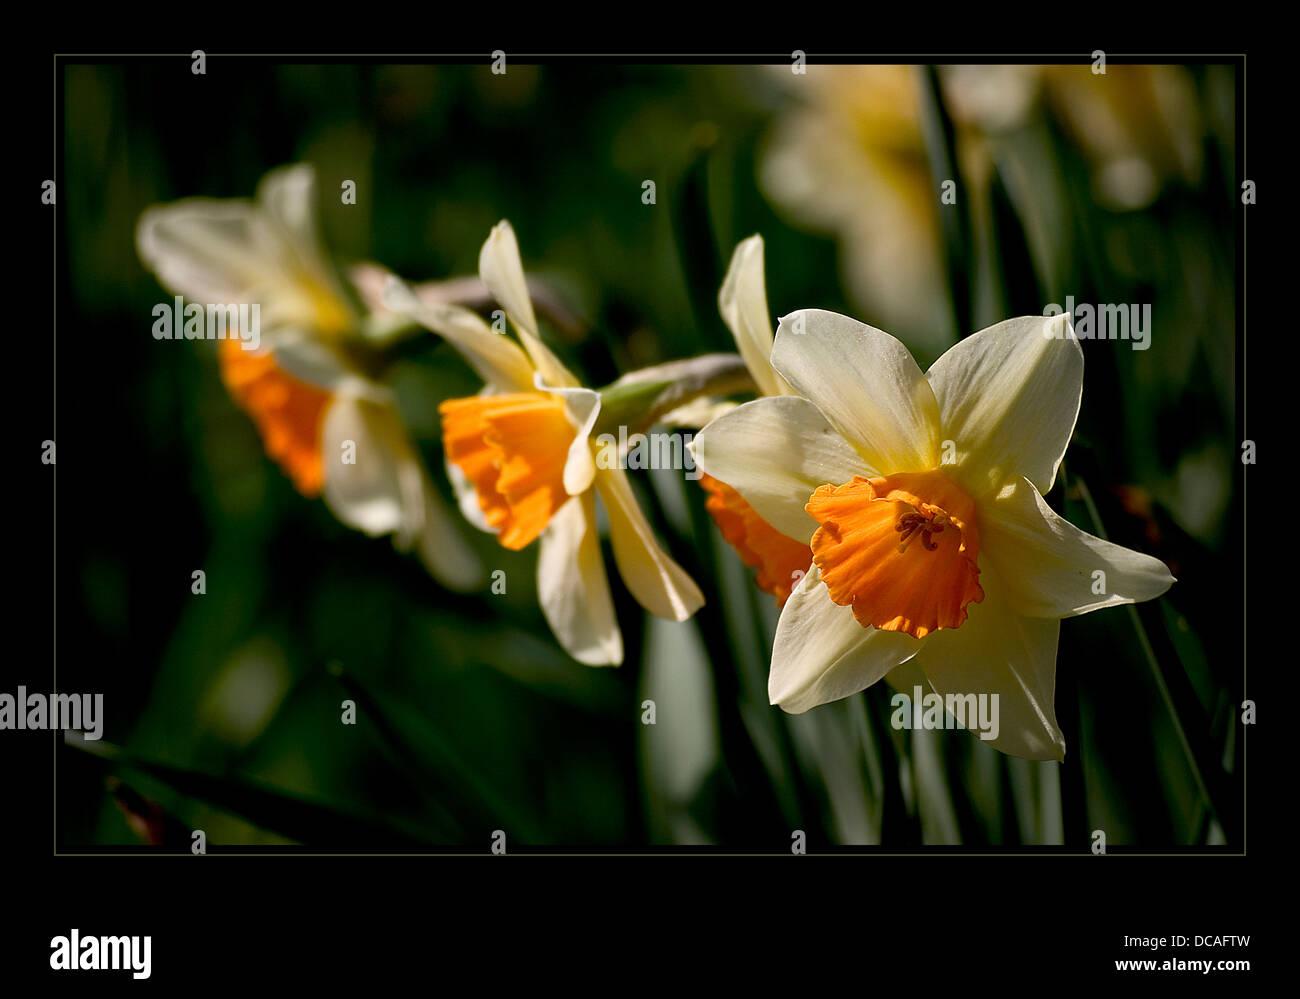 Narcissus Stockbild